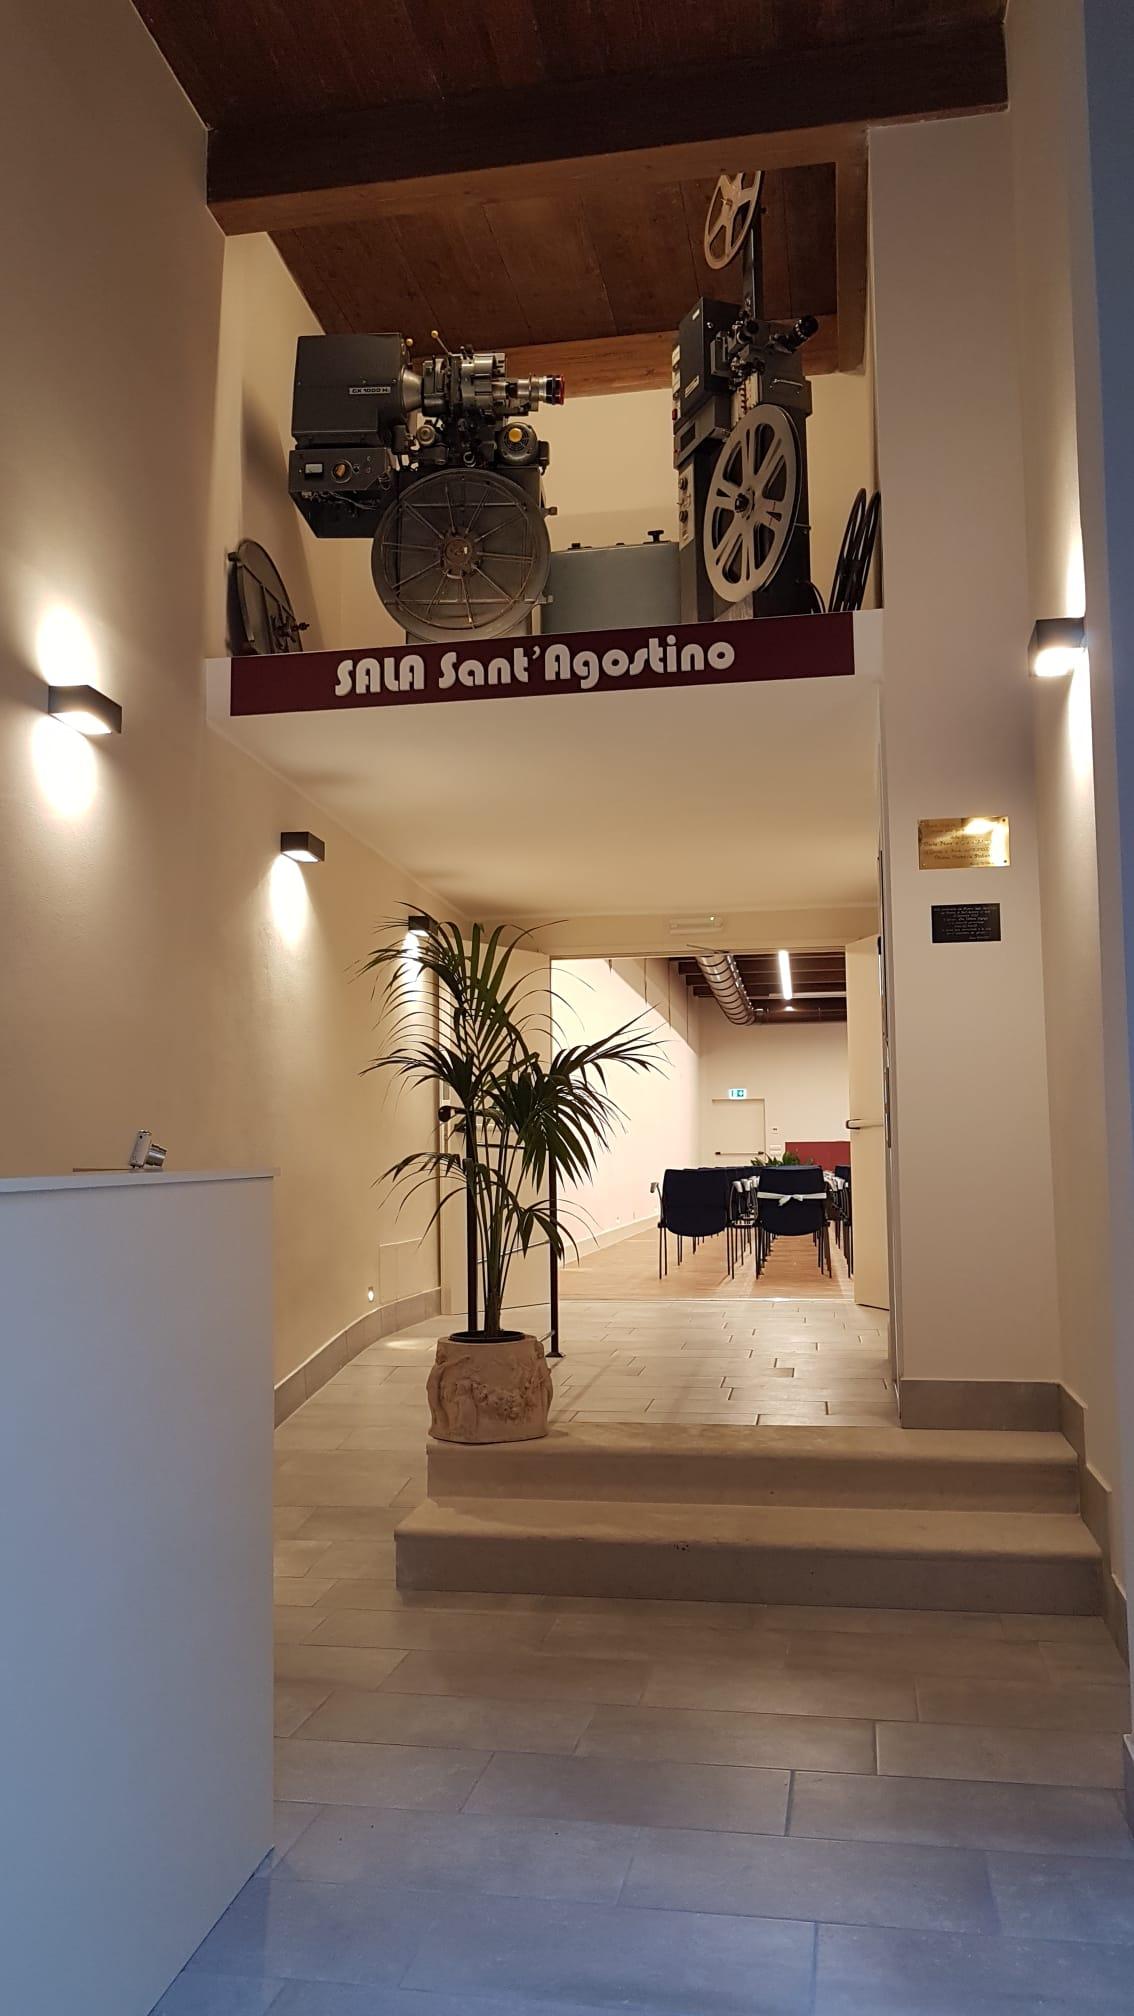 sala sant'agostino